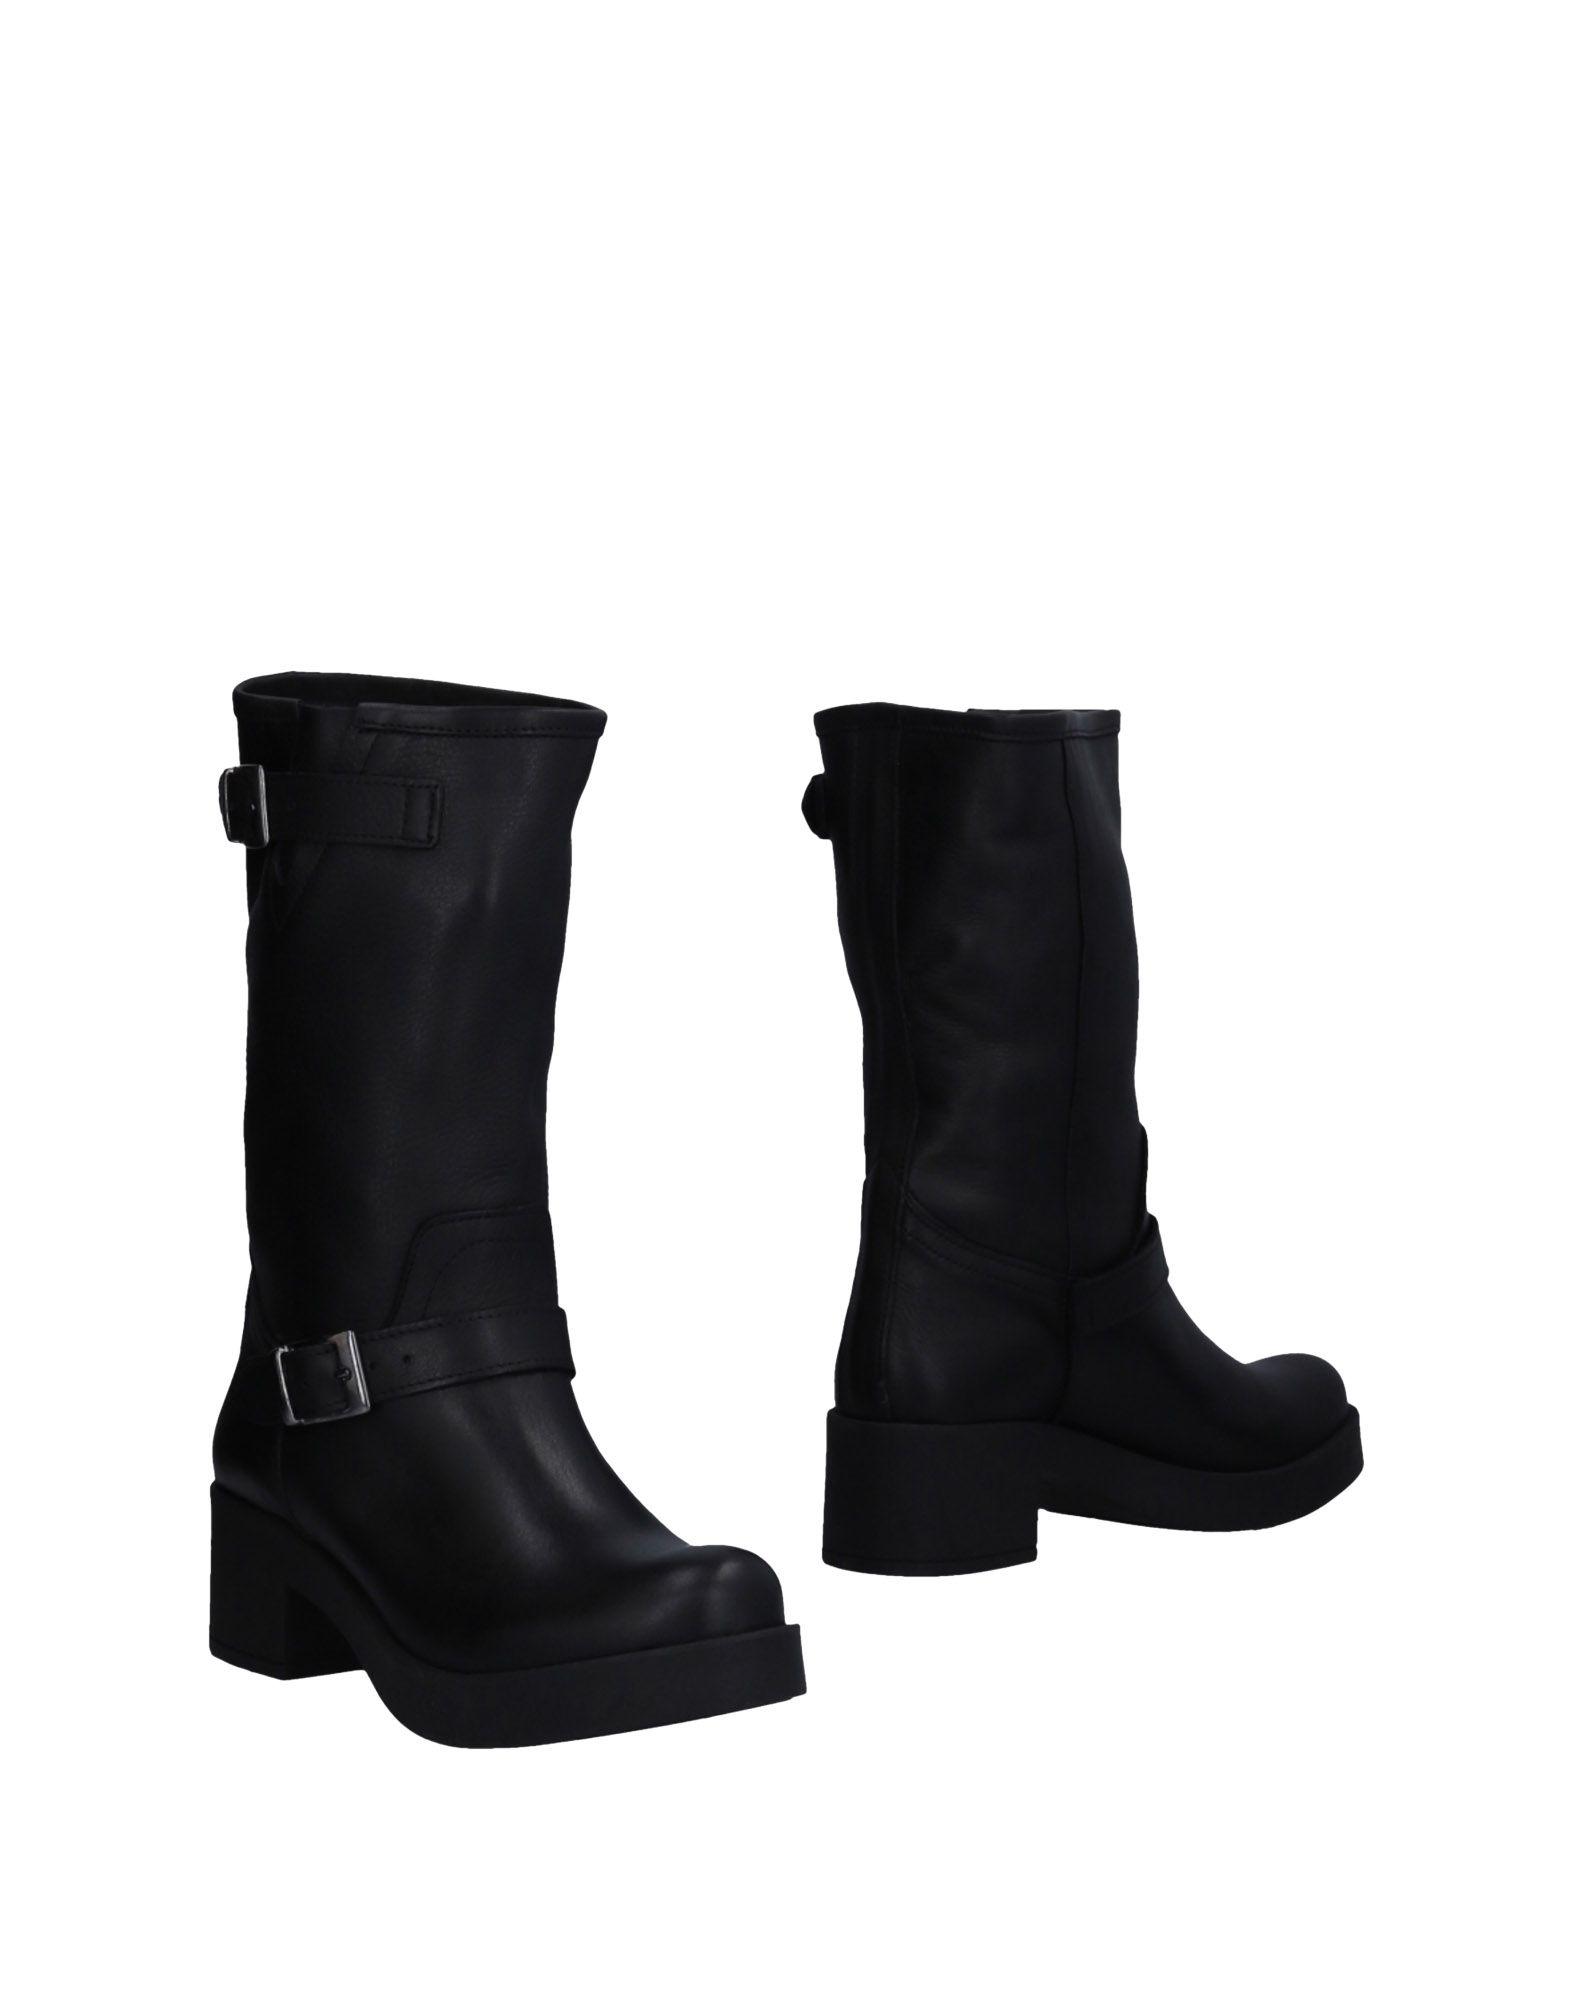 Unlace Stiefel Damen  beliebte 11472626DV Gute Qualität beliebte  Schuhe 608a3e